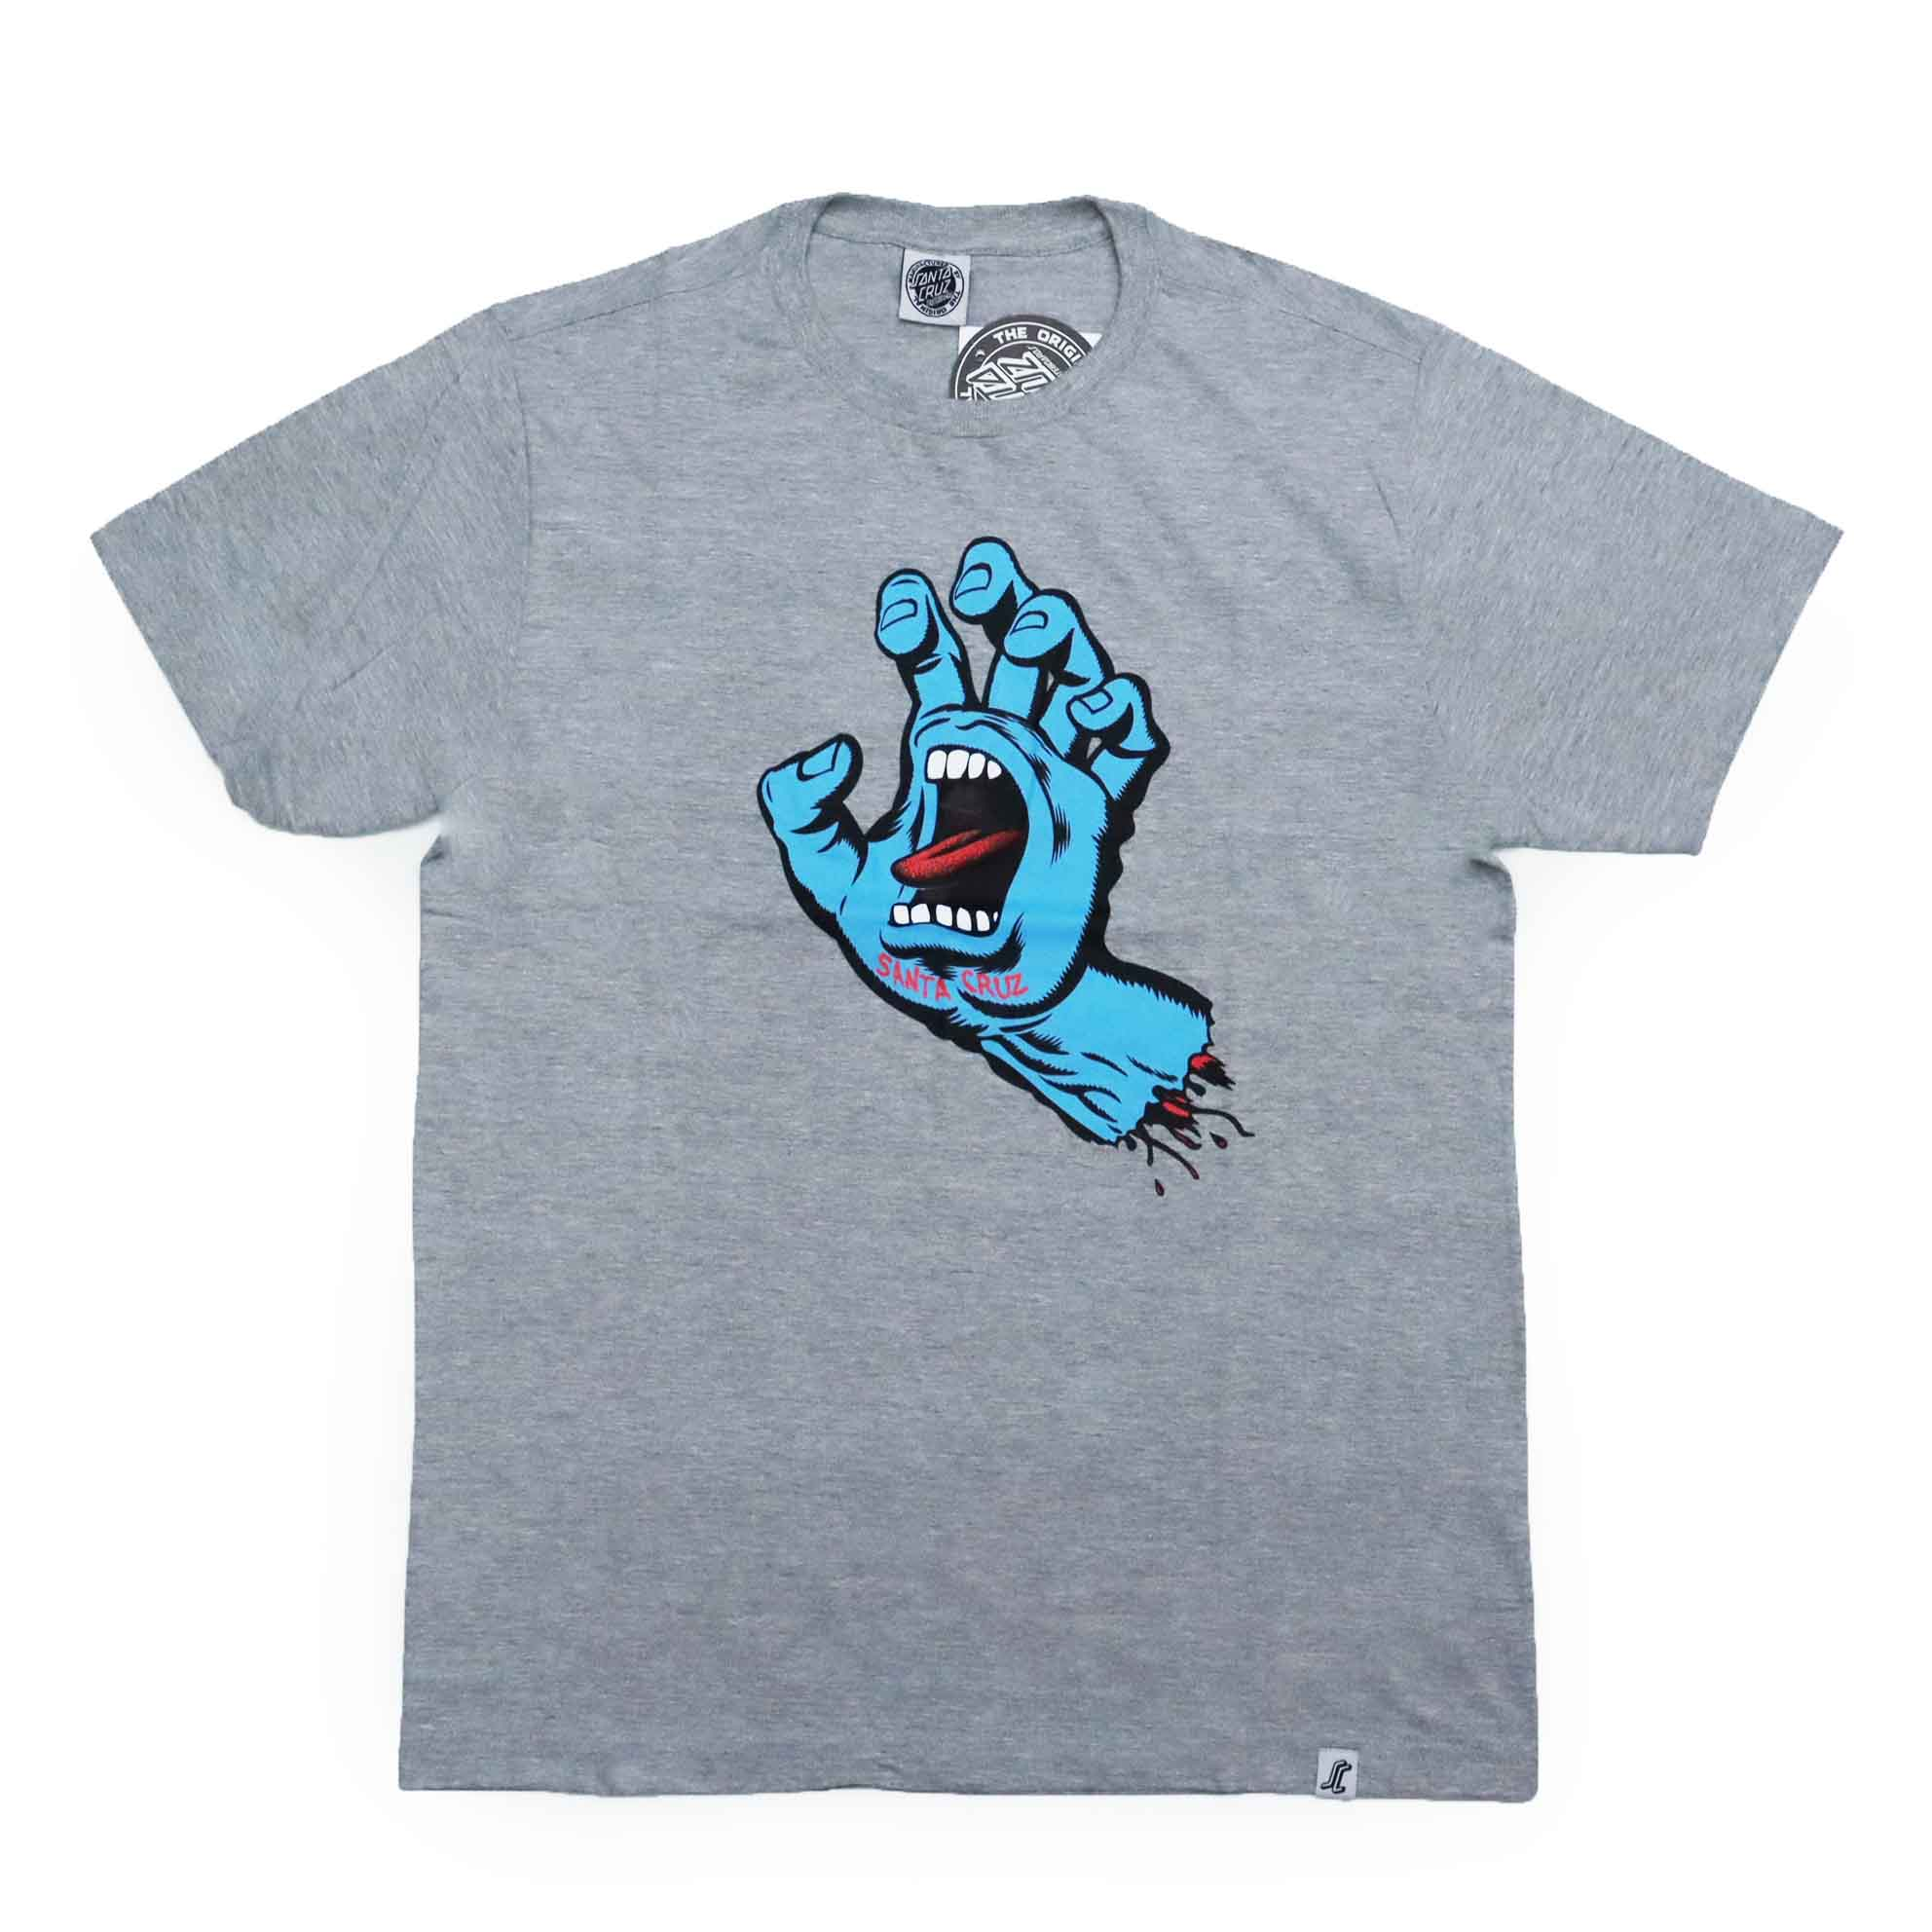 Camiseta Santa Cruz  Screaming Hand - Cinza Mescla/Azul